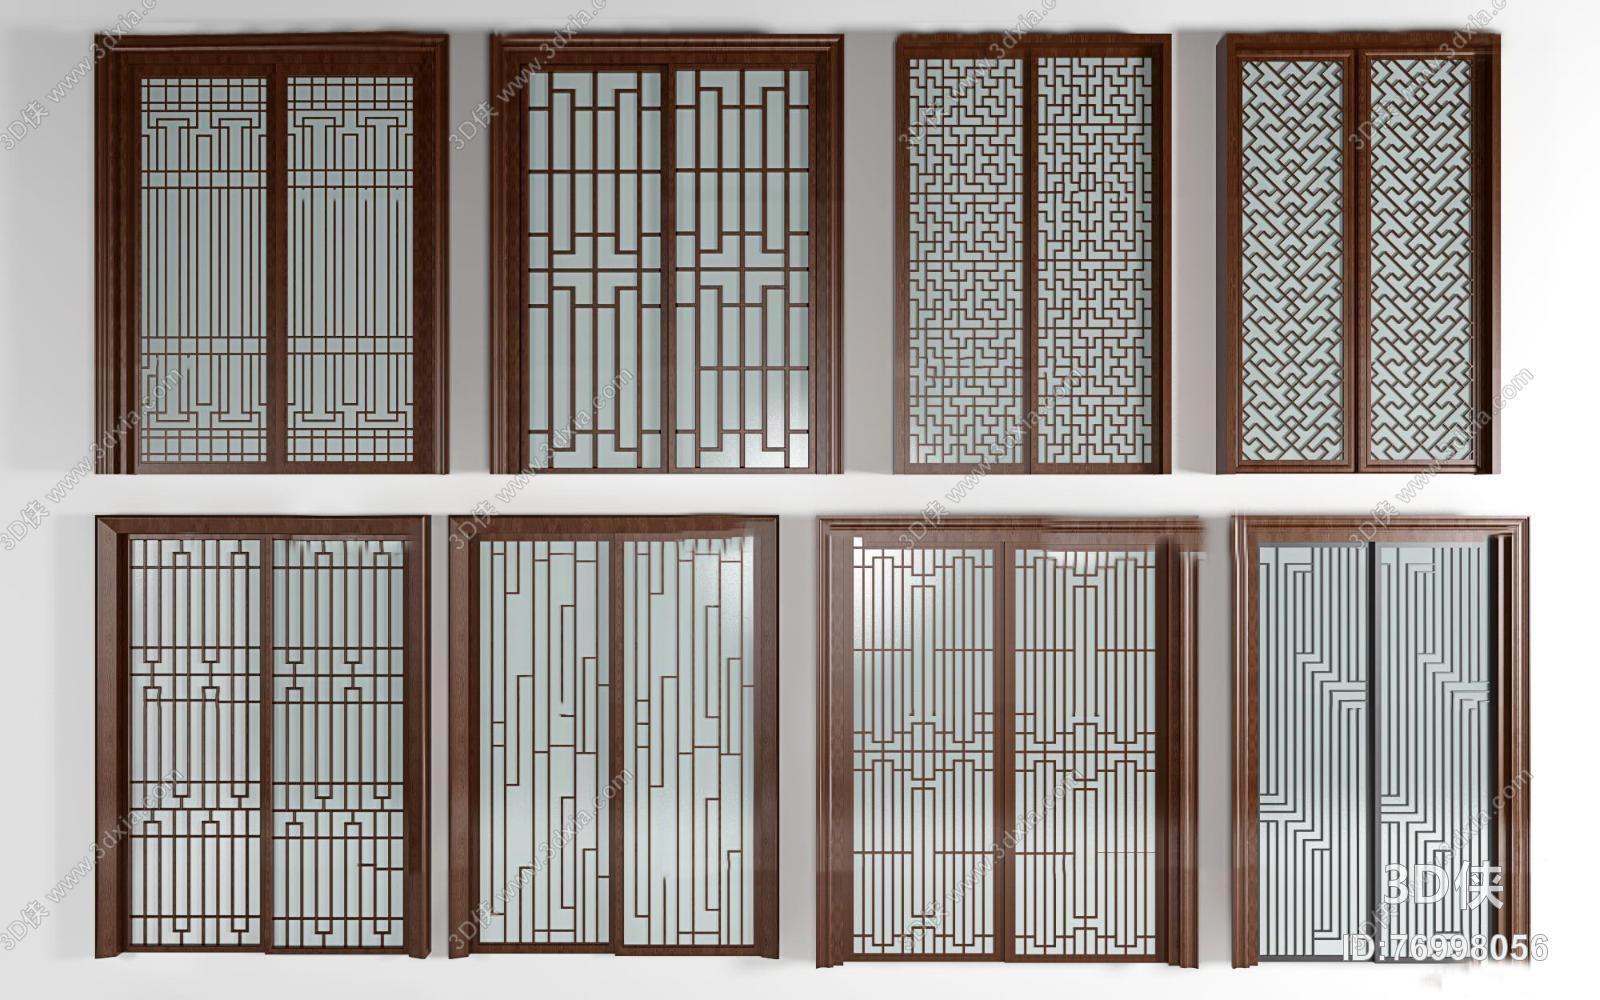 门效果图素材免费下载,本作品主题是中式实木窗花推拉门组合3d模型